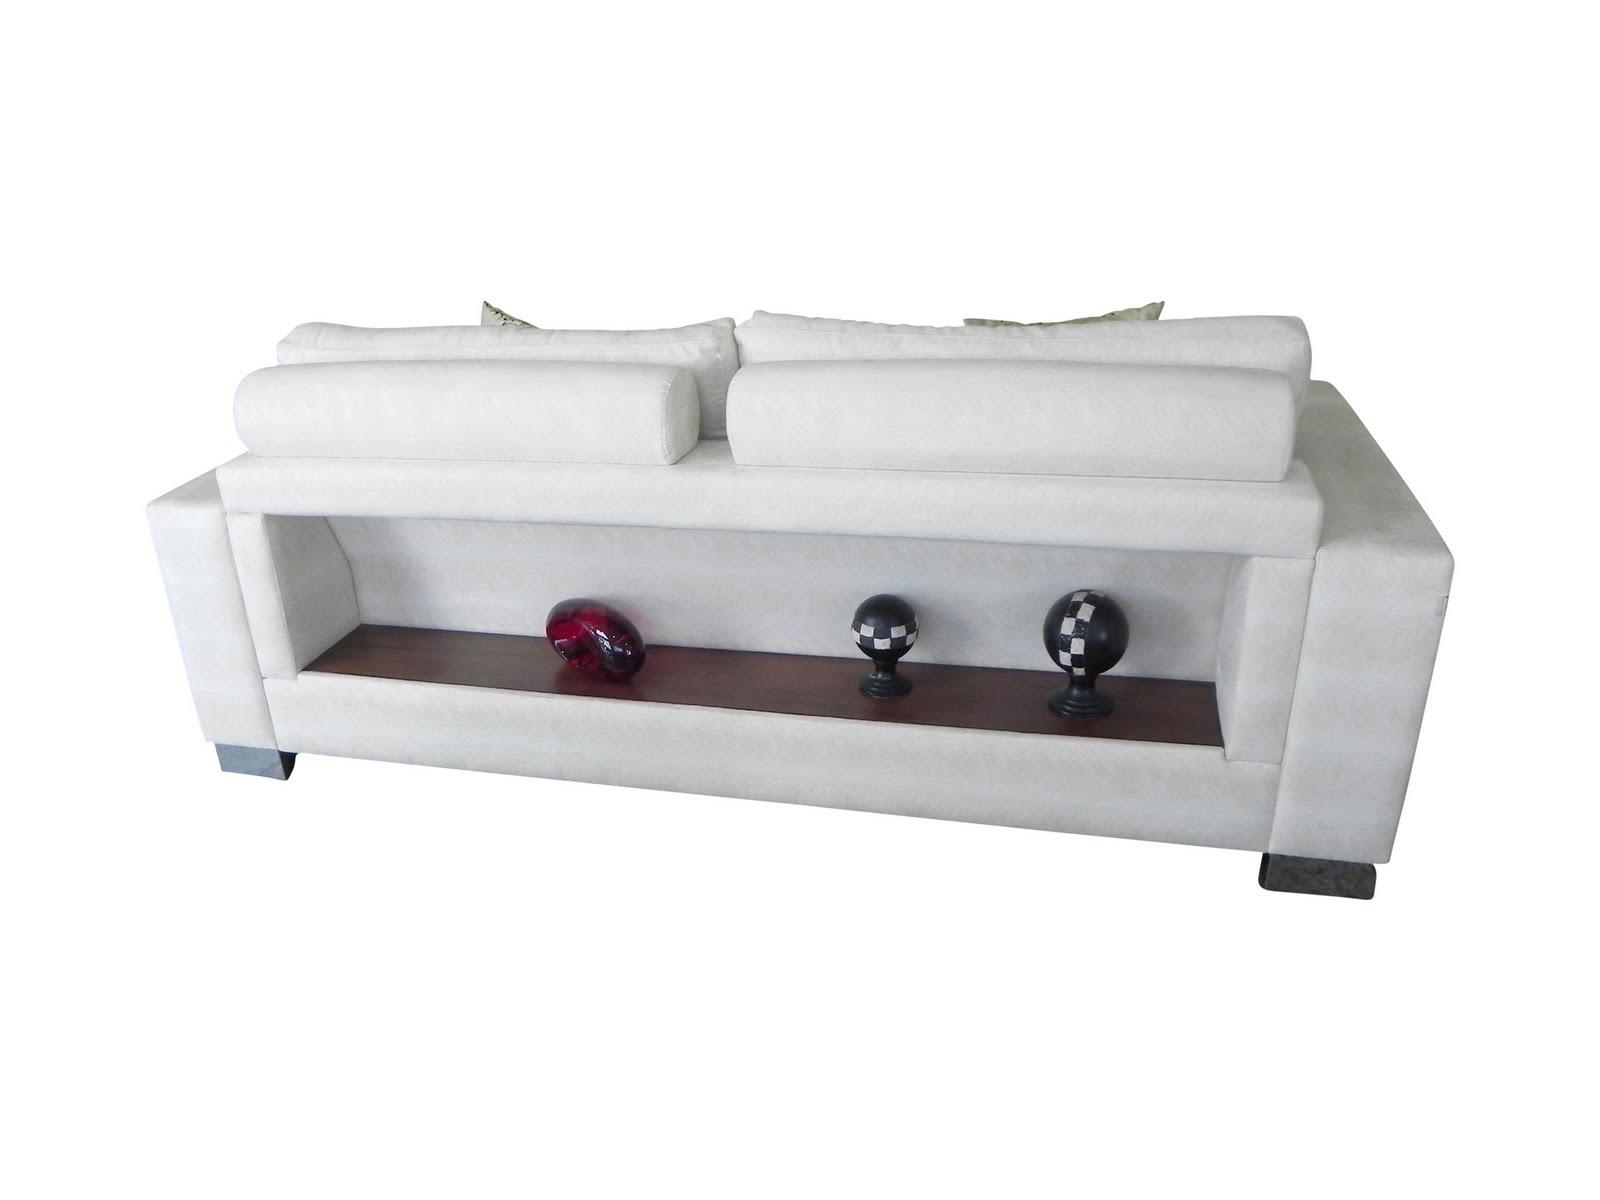 de silicone importada base do sofá e aparador feitos com madeira de  #5D4548 1600x1200